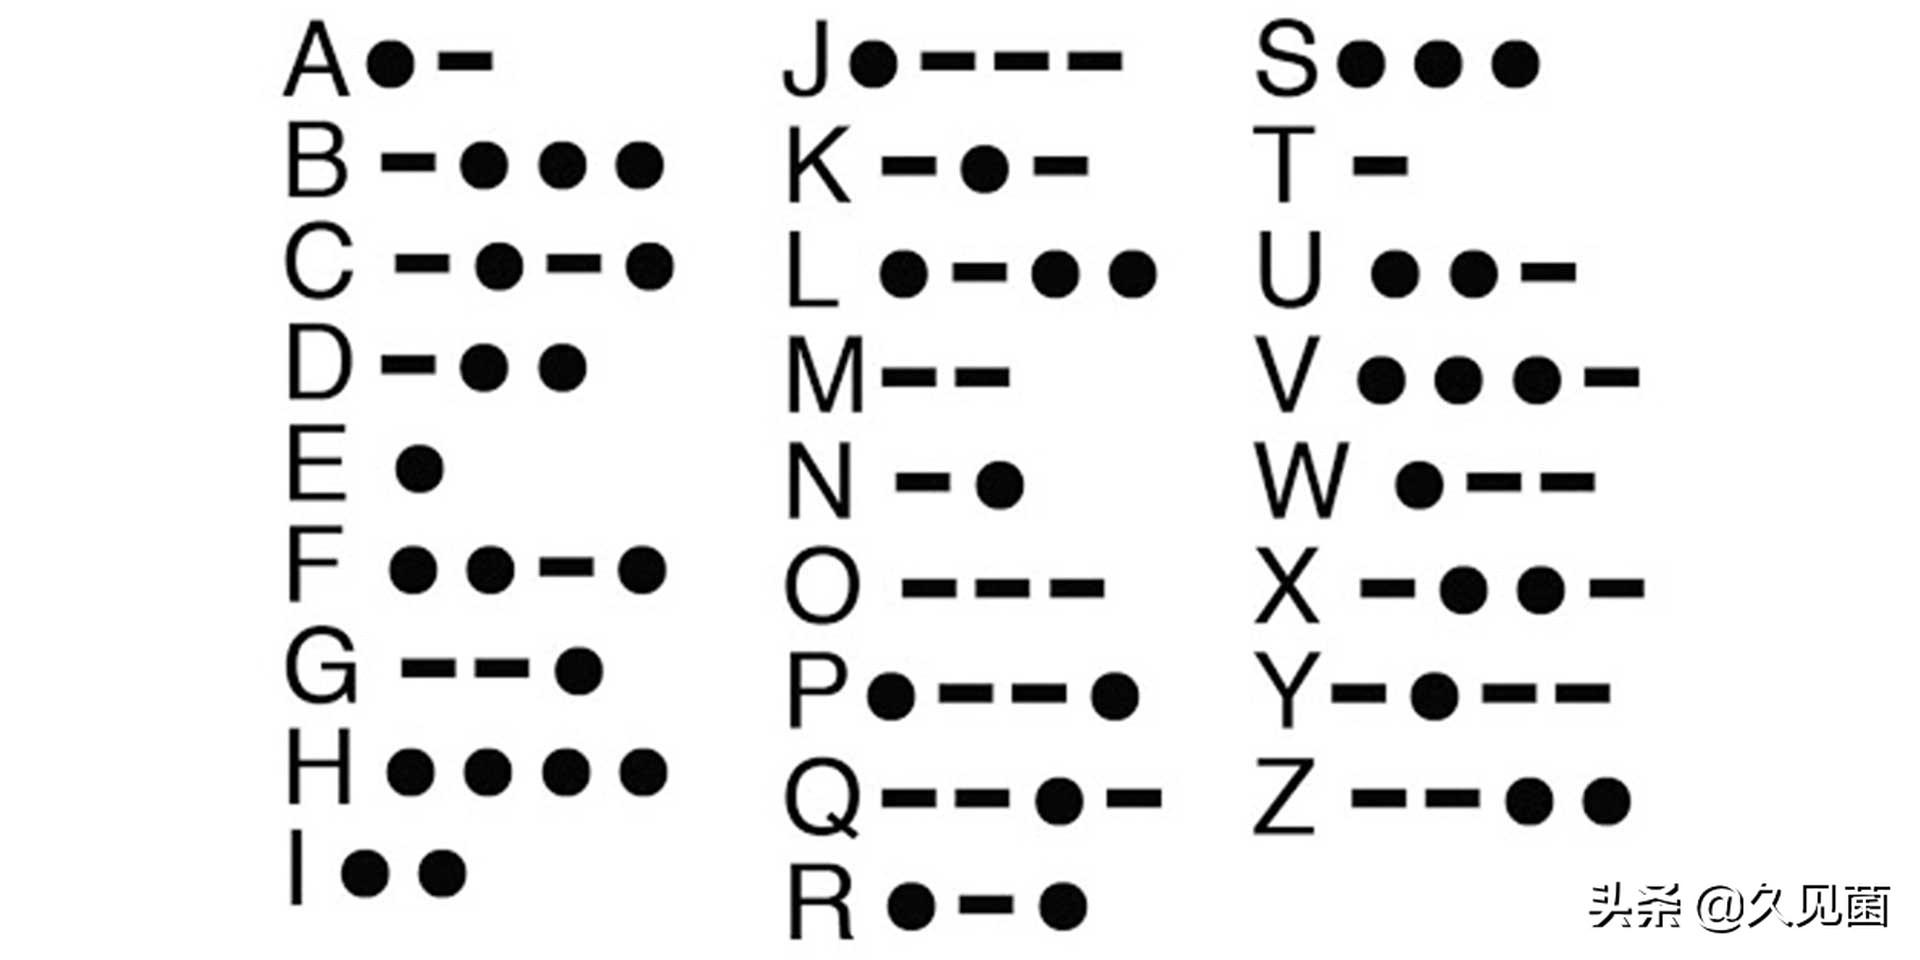 """一篇文章学会使用摩斯密码,简单易懂,你也可以使用""""降维打击"""""""